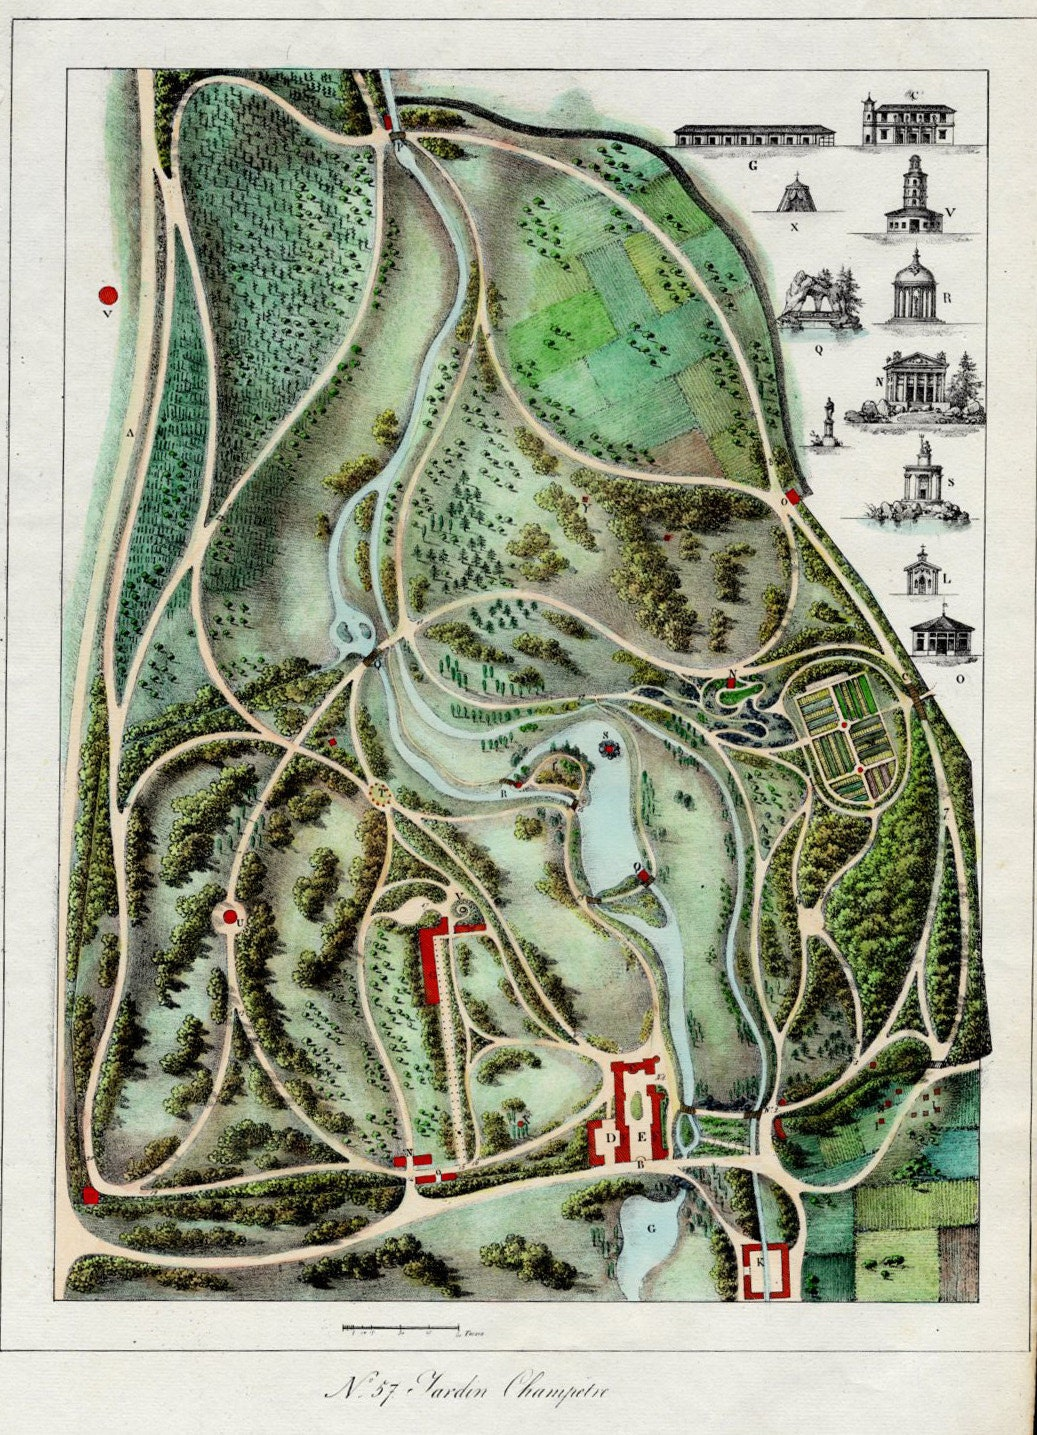 French Garden Design 1828 Garden Plan by Gabriel Thouin